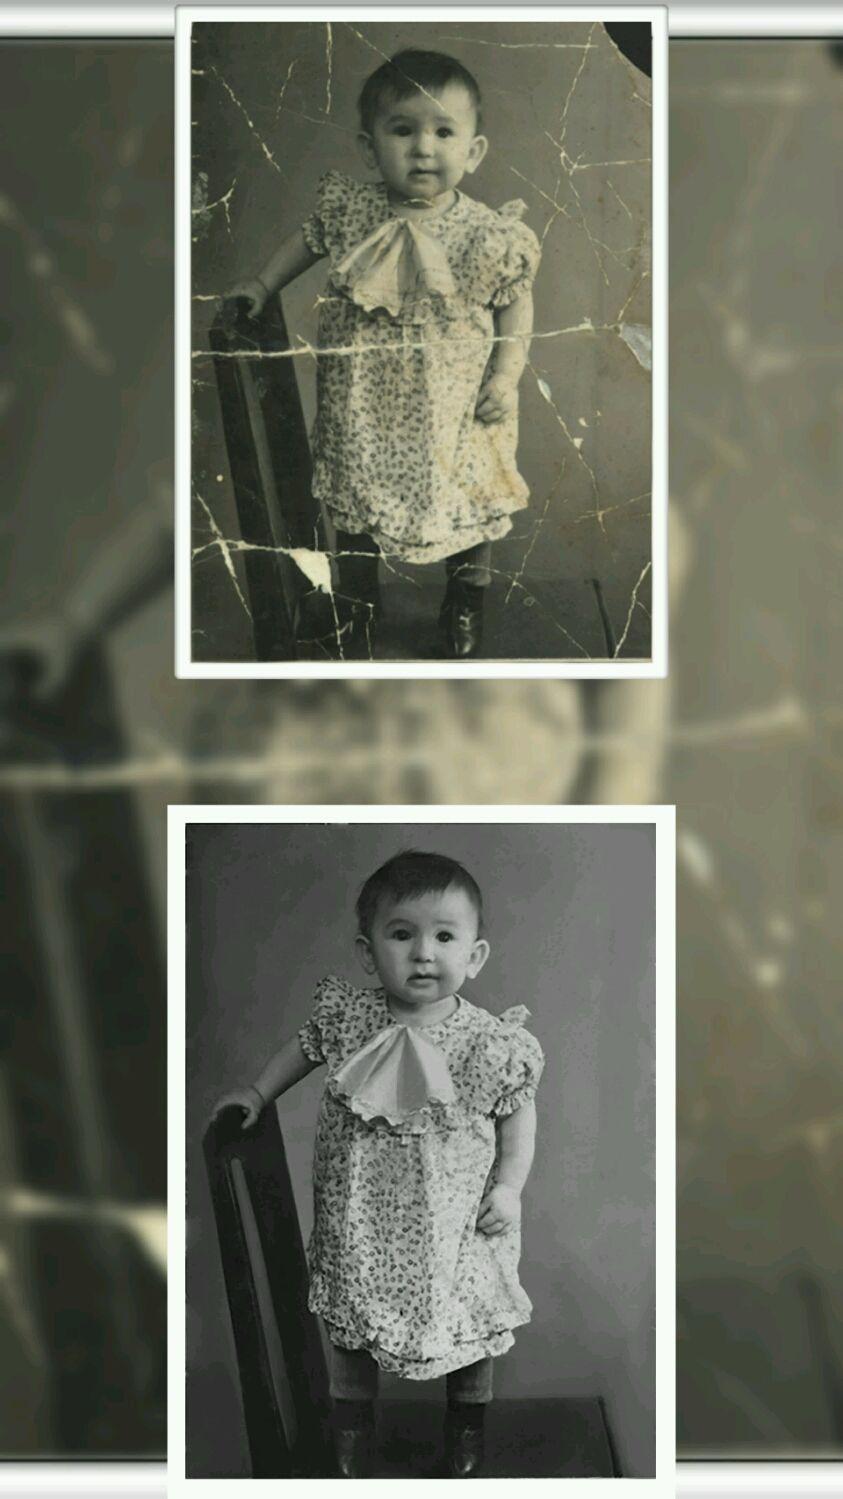 было единственное реставрация фото в краснодаре солдат несёт